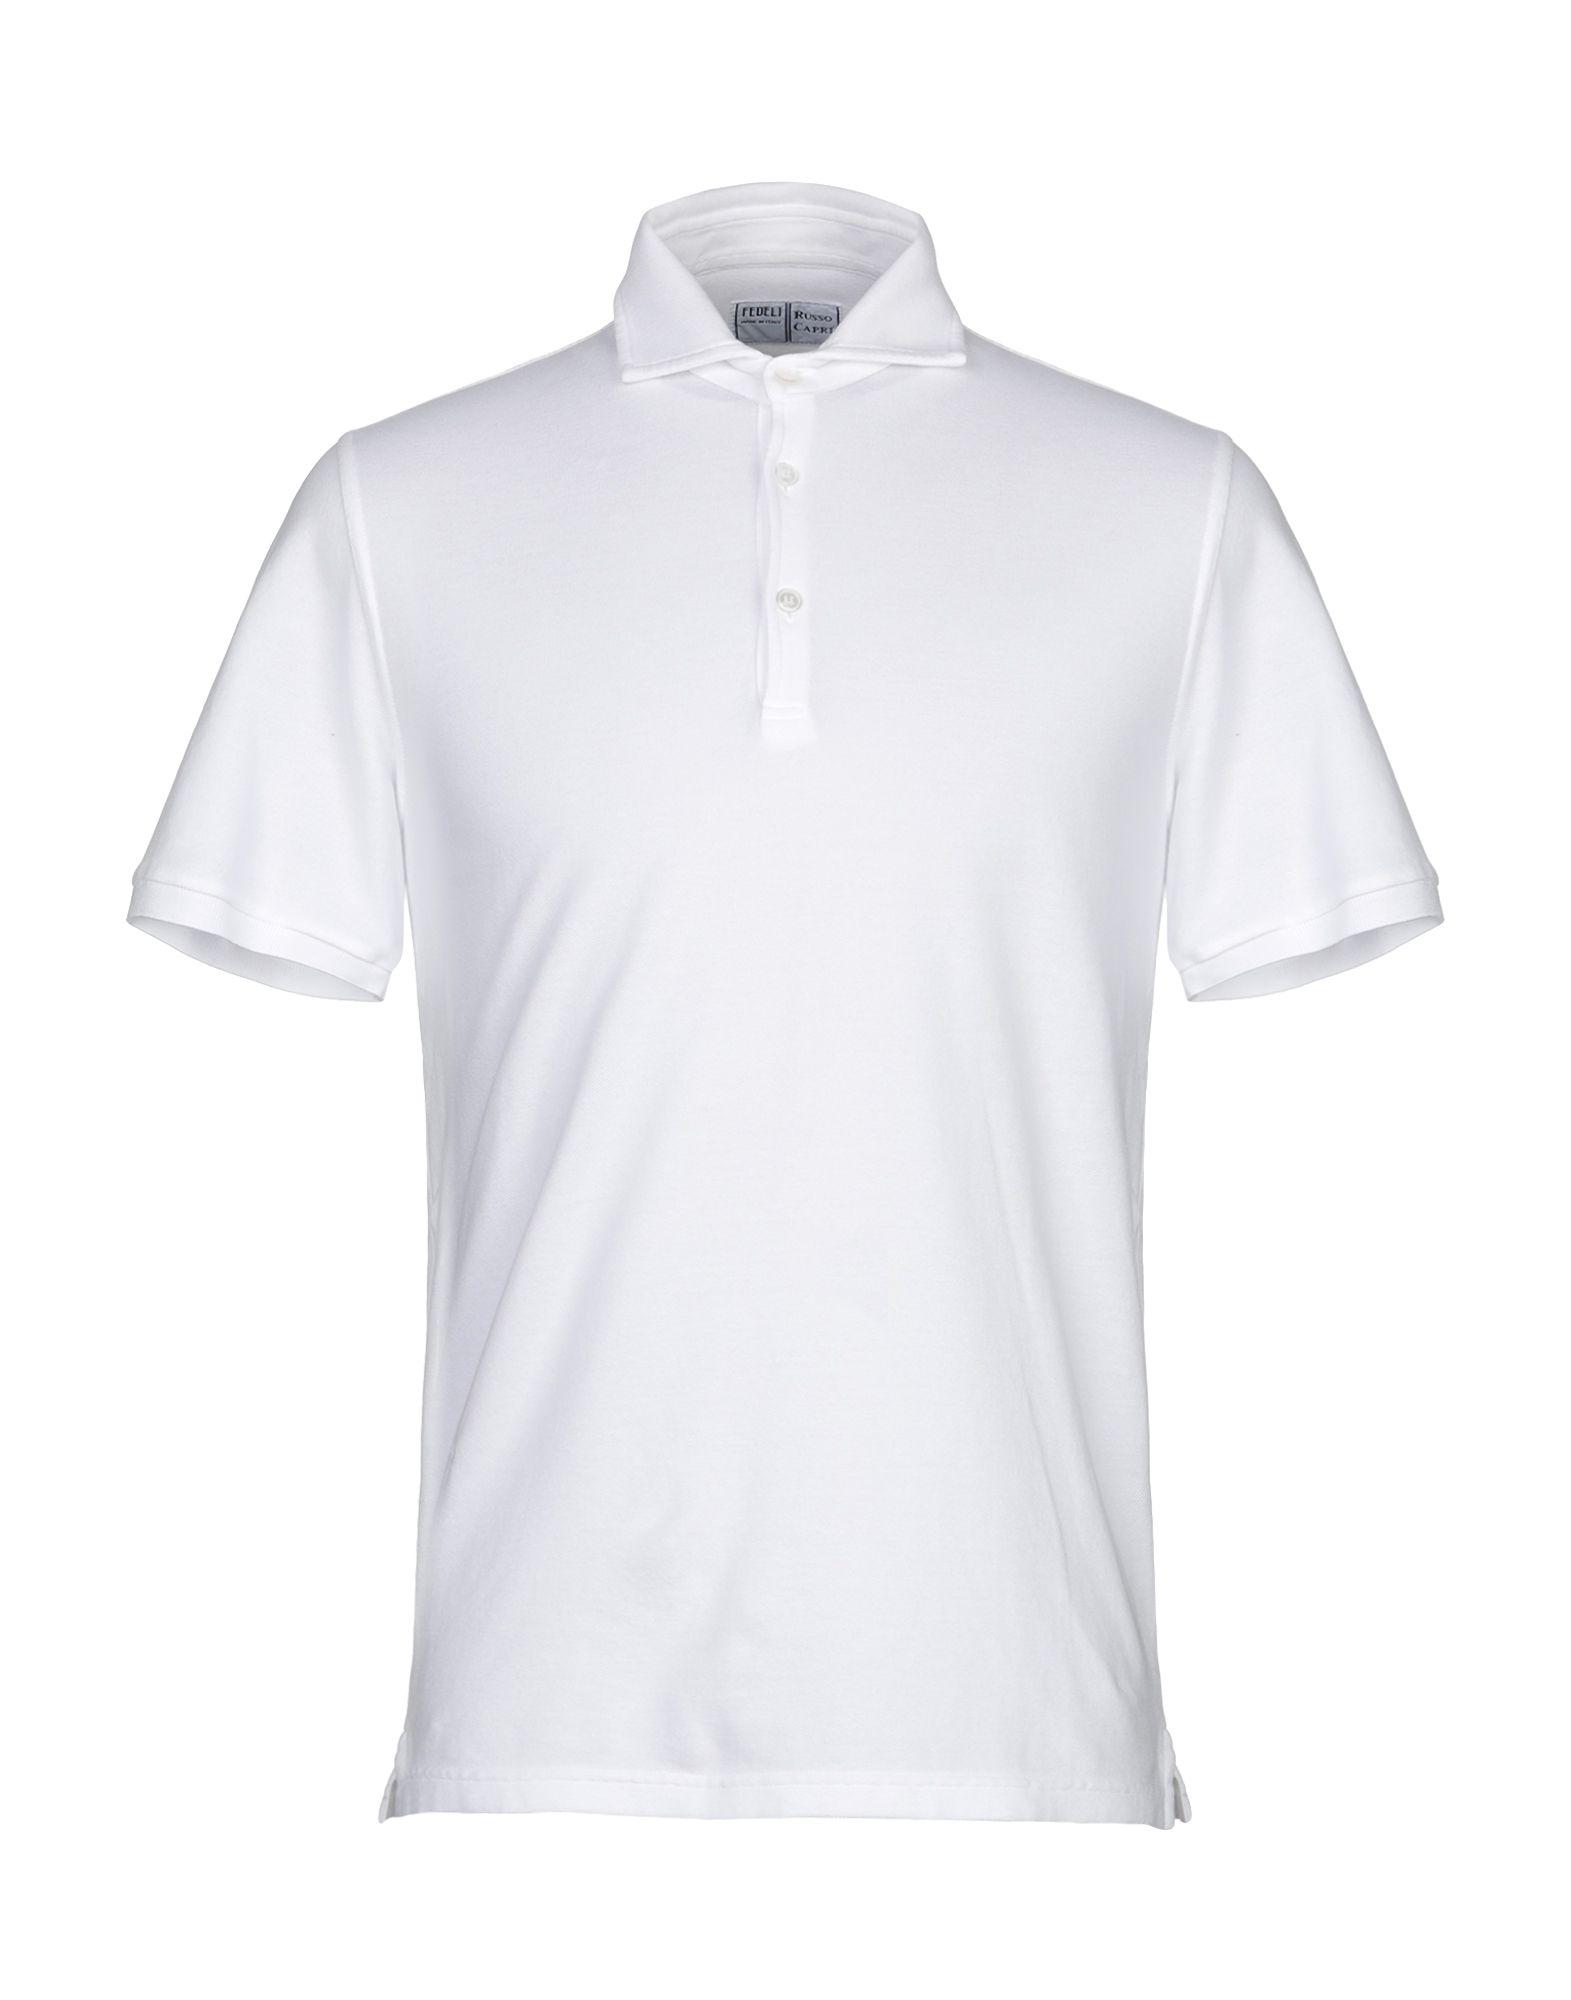 《期間限定セール中》FEDELI メンズ ポロシャツ ホワイト 50 コットン 100%